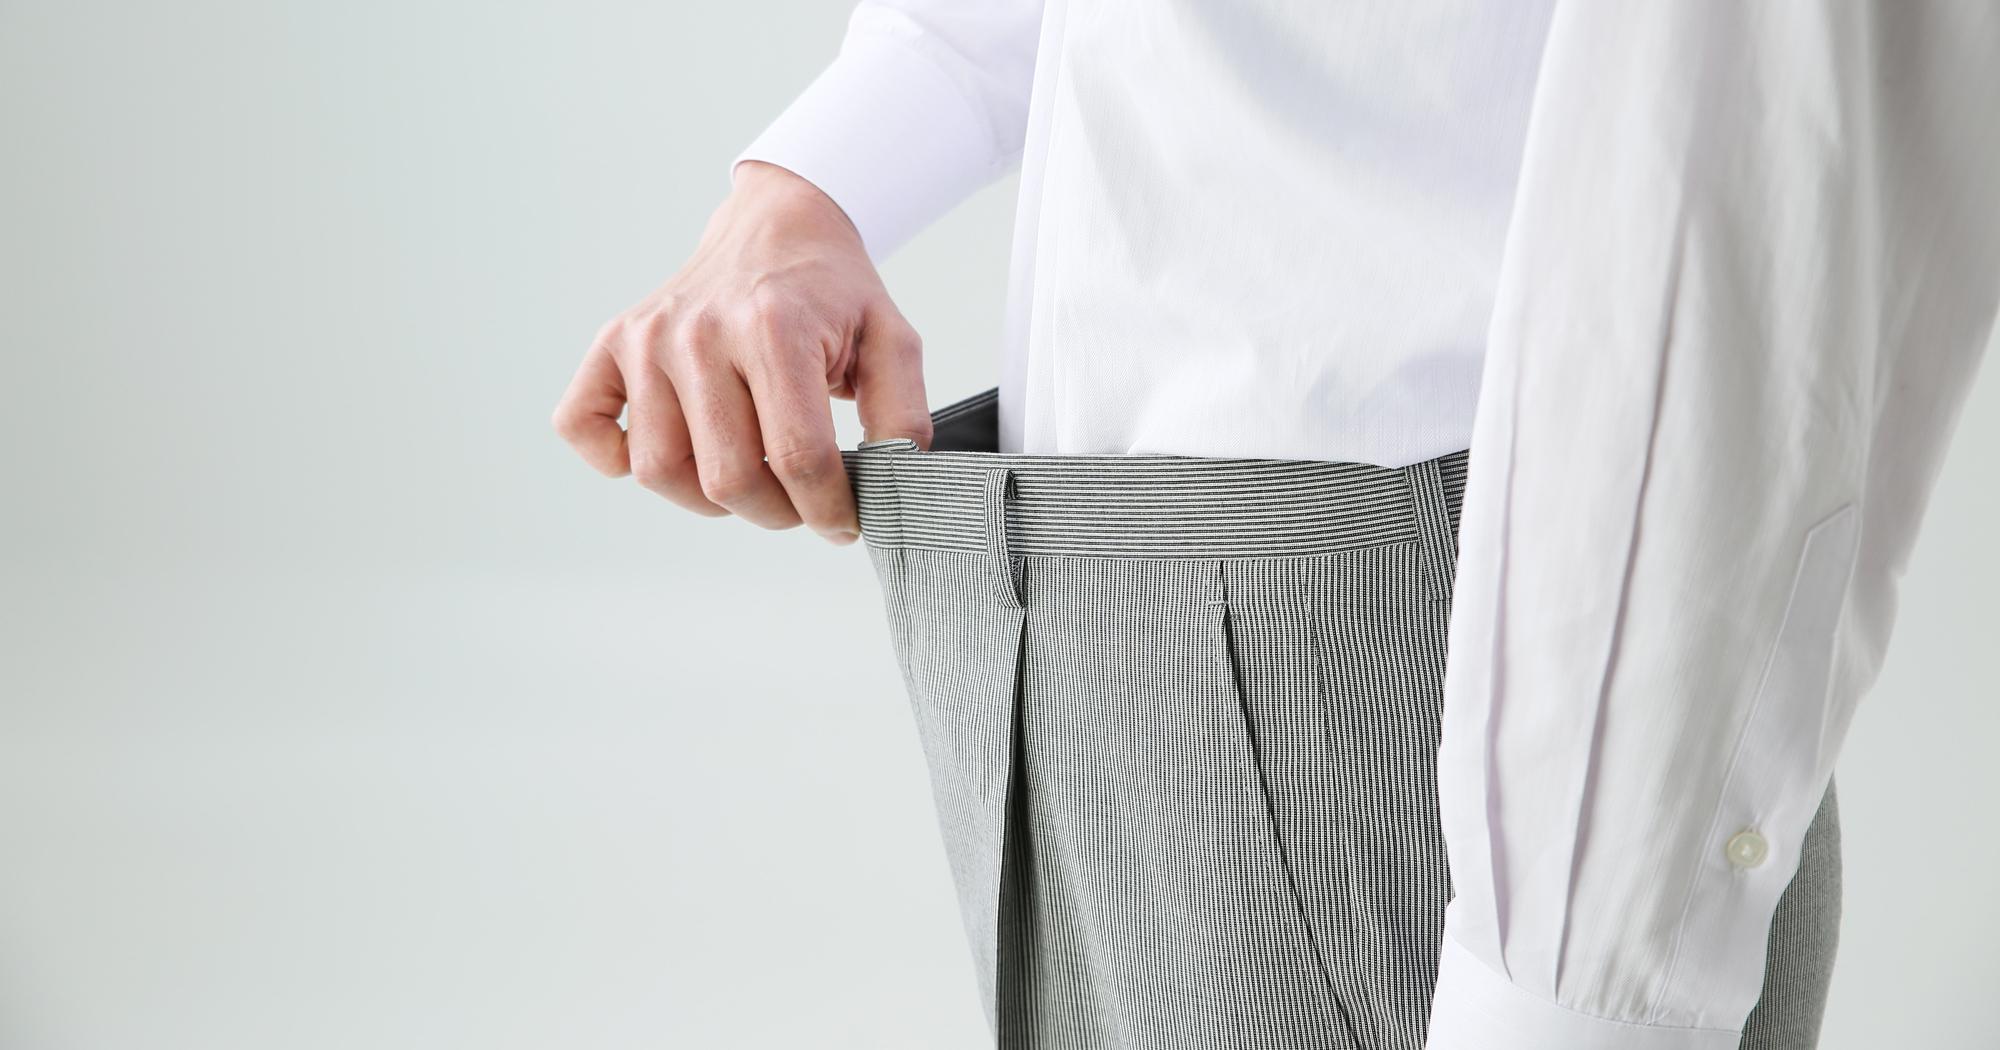 「一生太らない体」を作る男性のためのダイエット計画